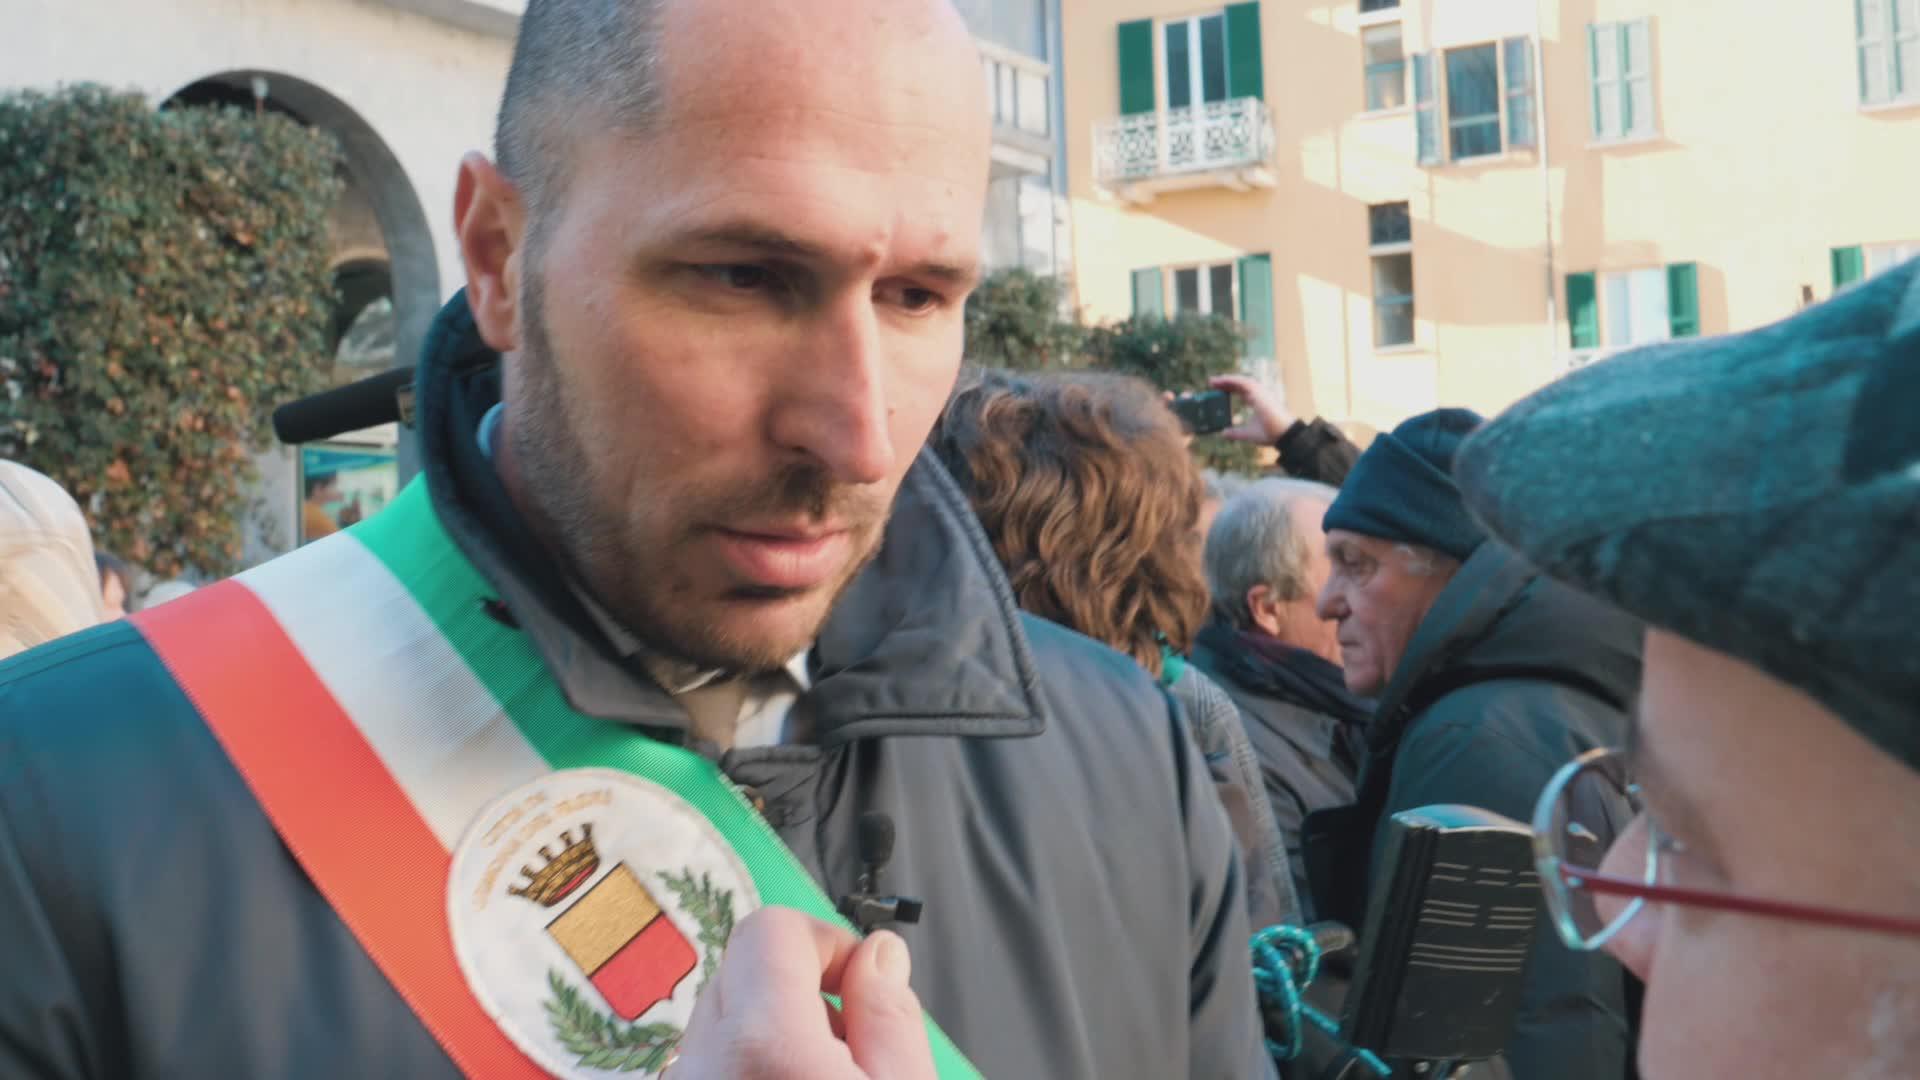 Video: I funerali di Giuseppe Zamberletti